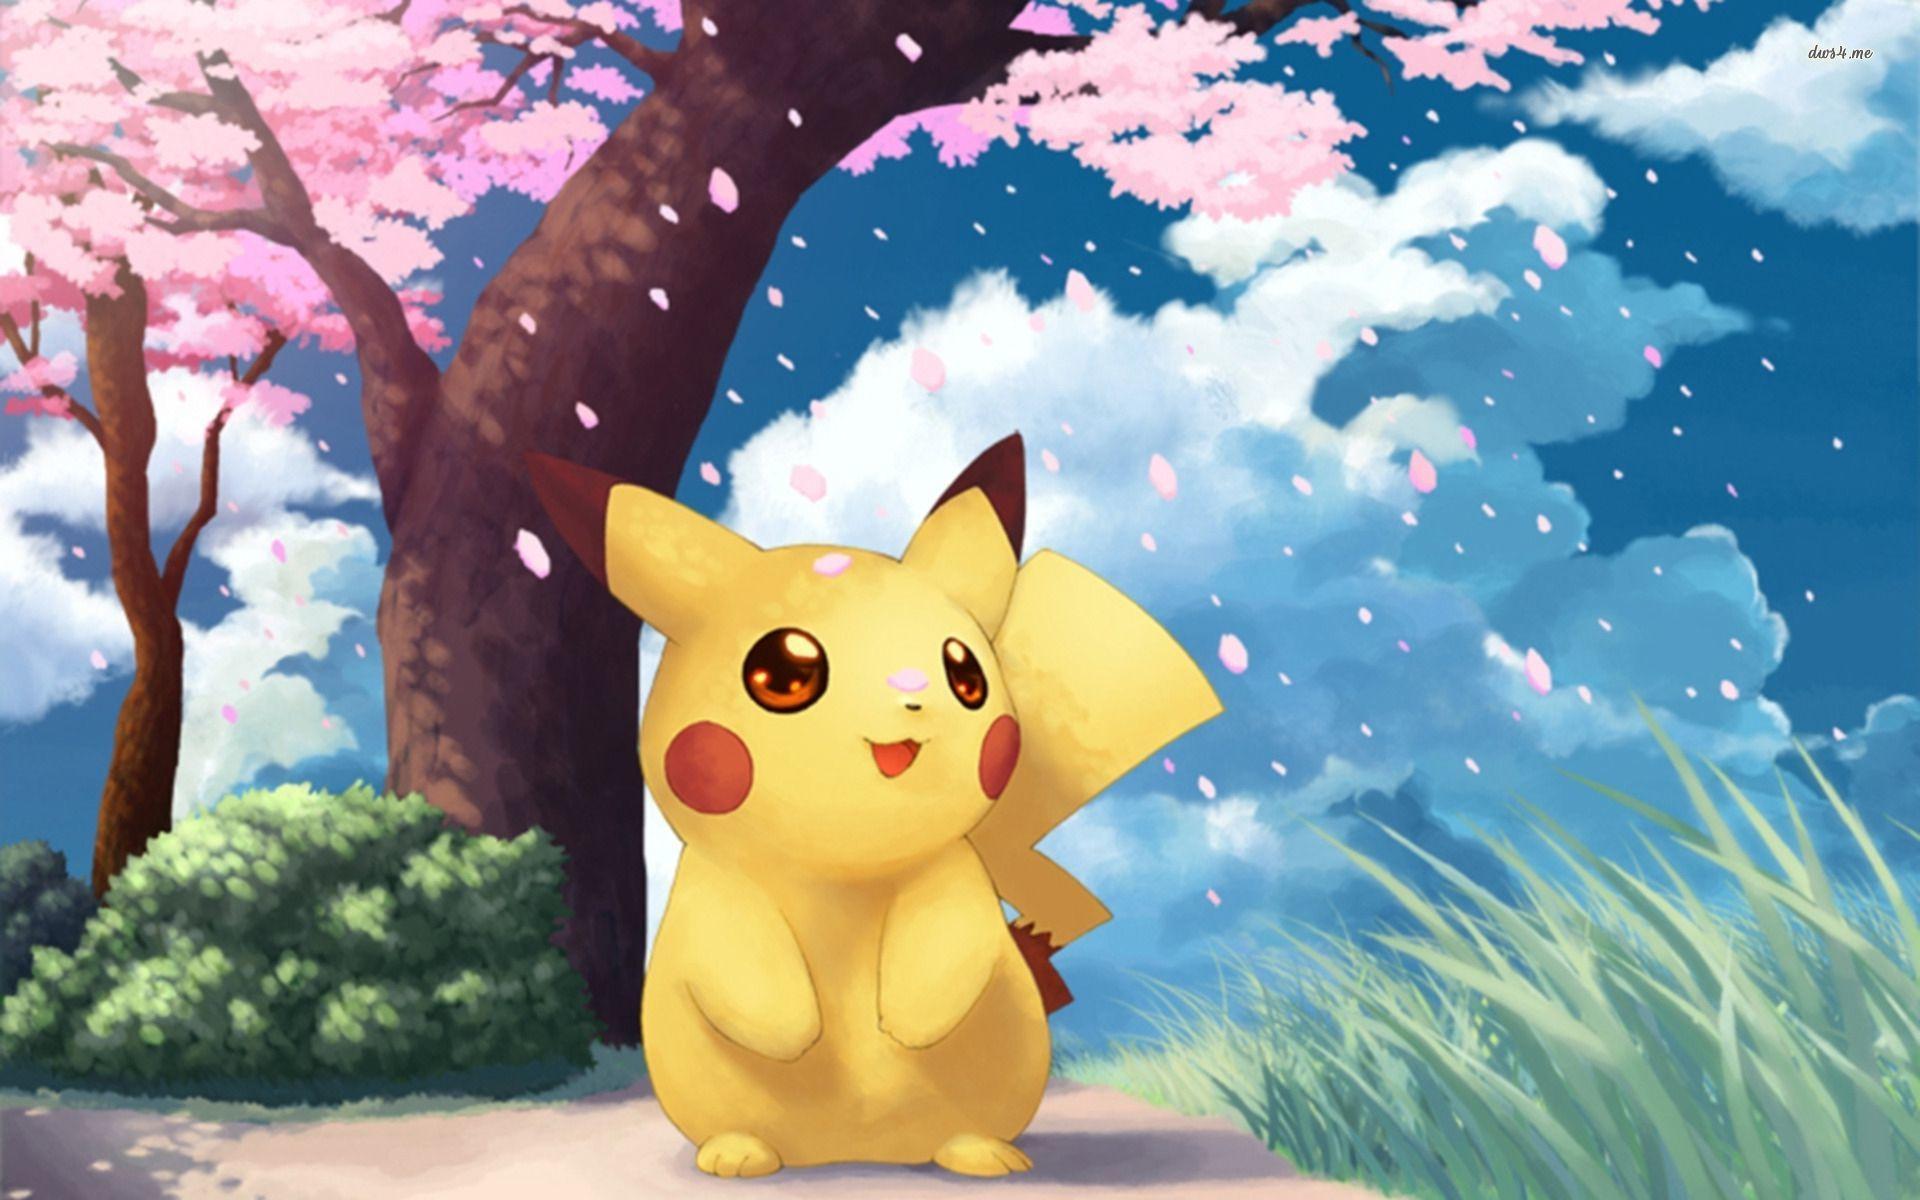 Pikachu   Pokemon wallpaper   Anime wallpapers   19874 1920x1200